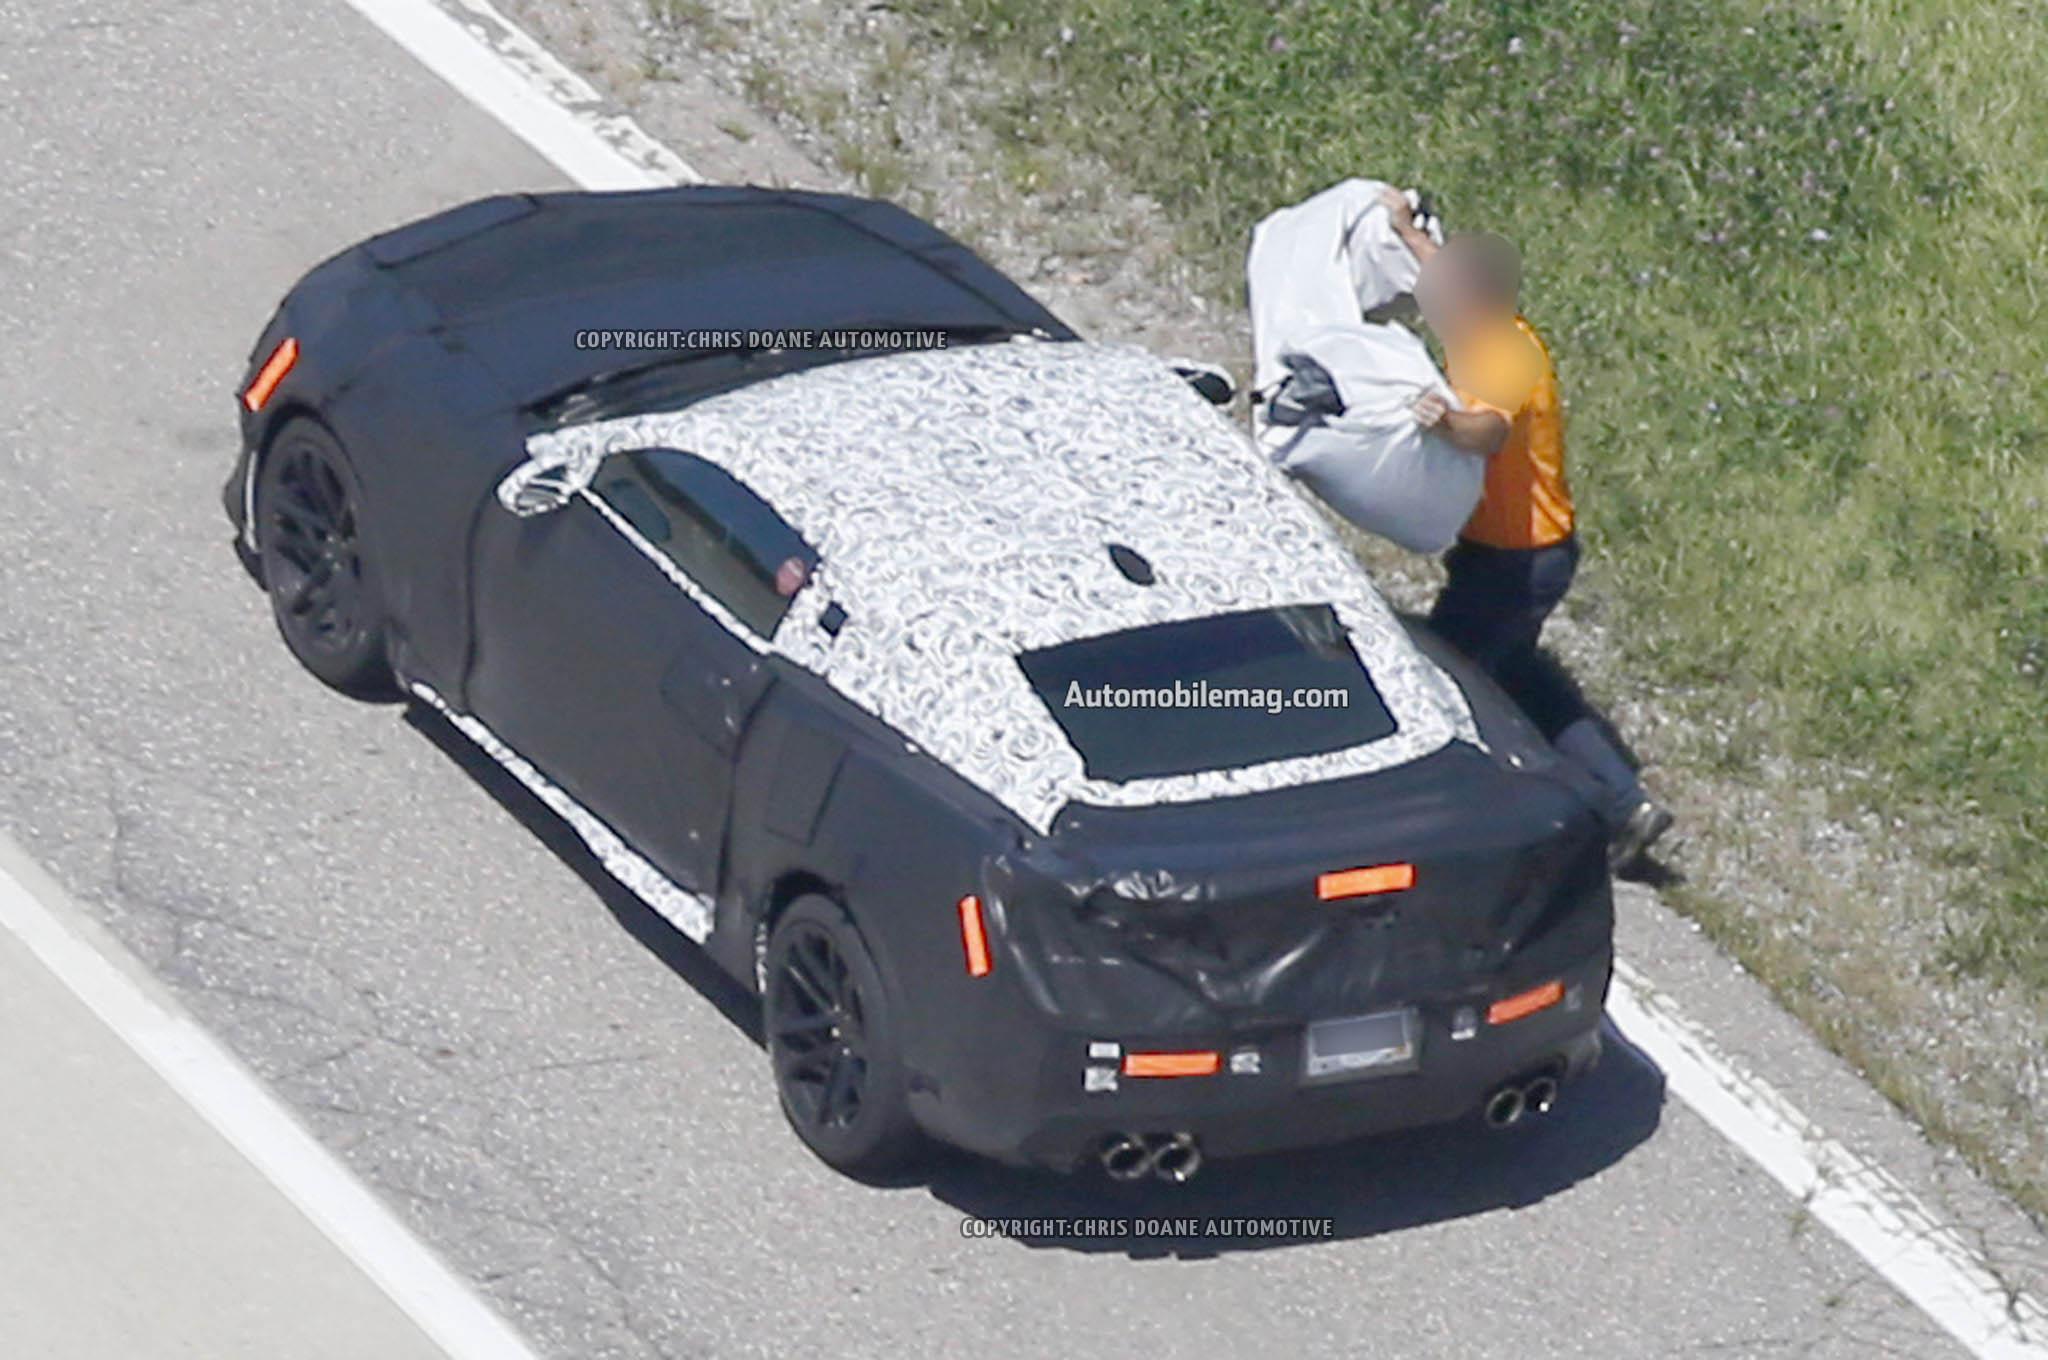 2017 Chevrolet Camaro Zl1 Spied